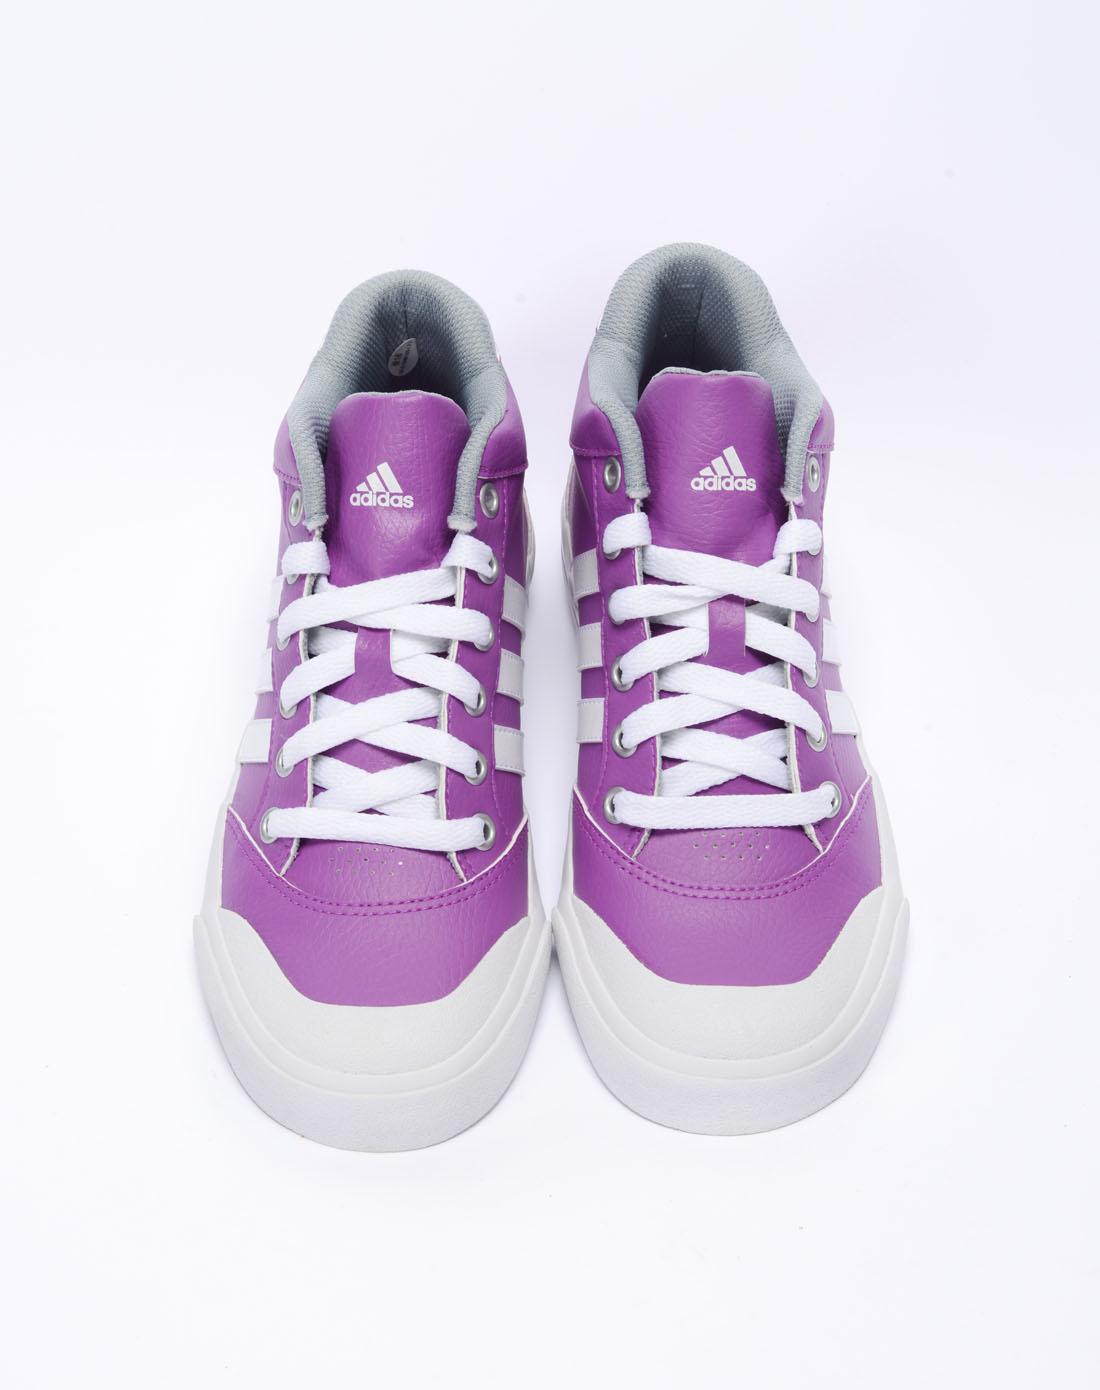 阿迪达斯adidas女鞋专场-女子紫色网球鞋